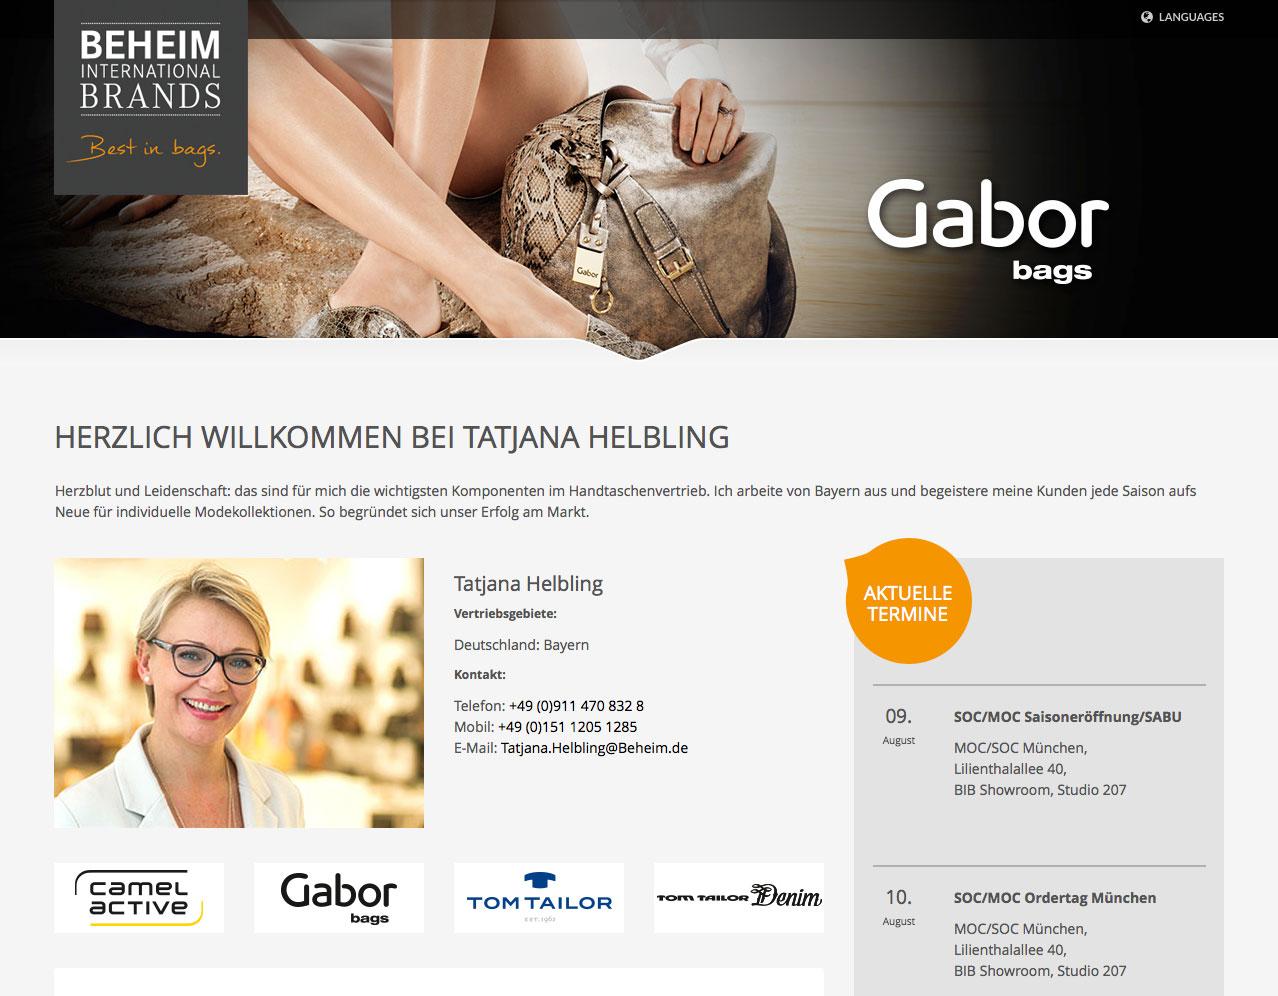 BIB-Vertreter Homepage – neues Informationsinstrument aus dem Hause Beheim International Brands, Obertshausen